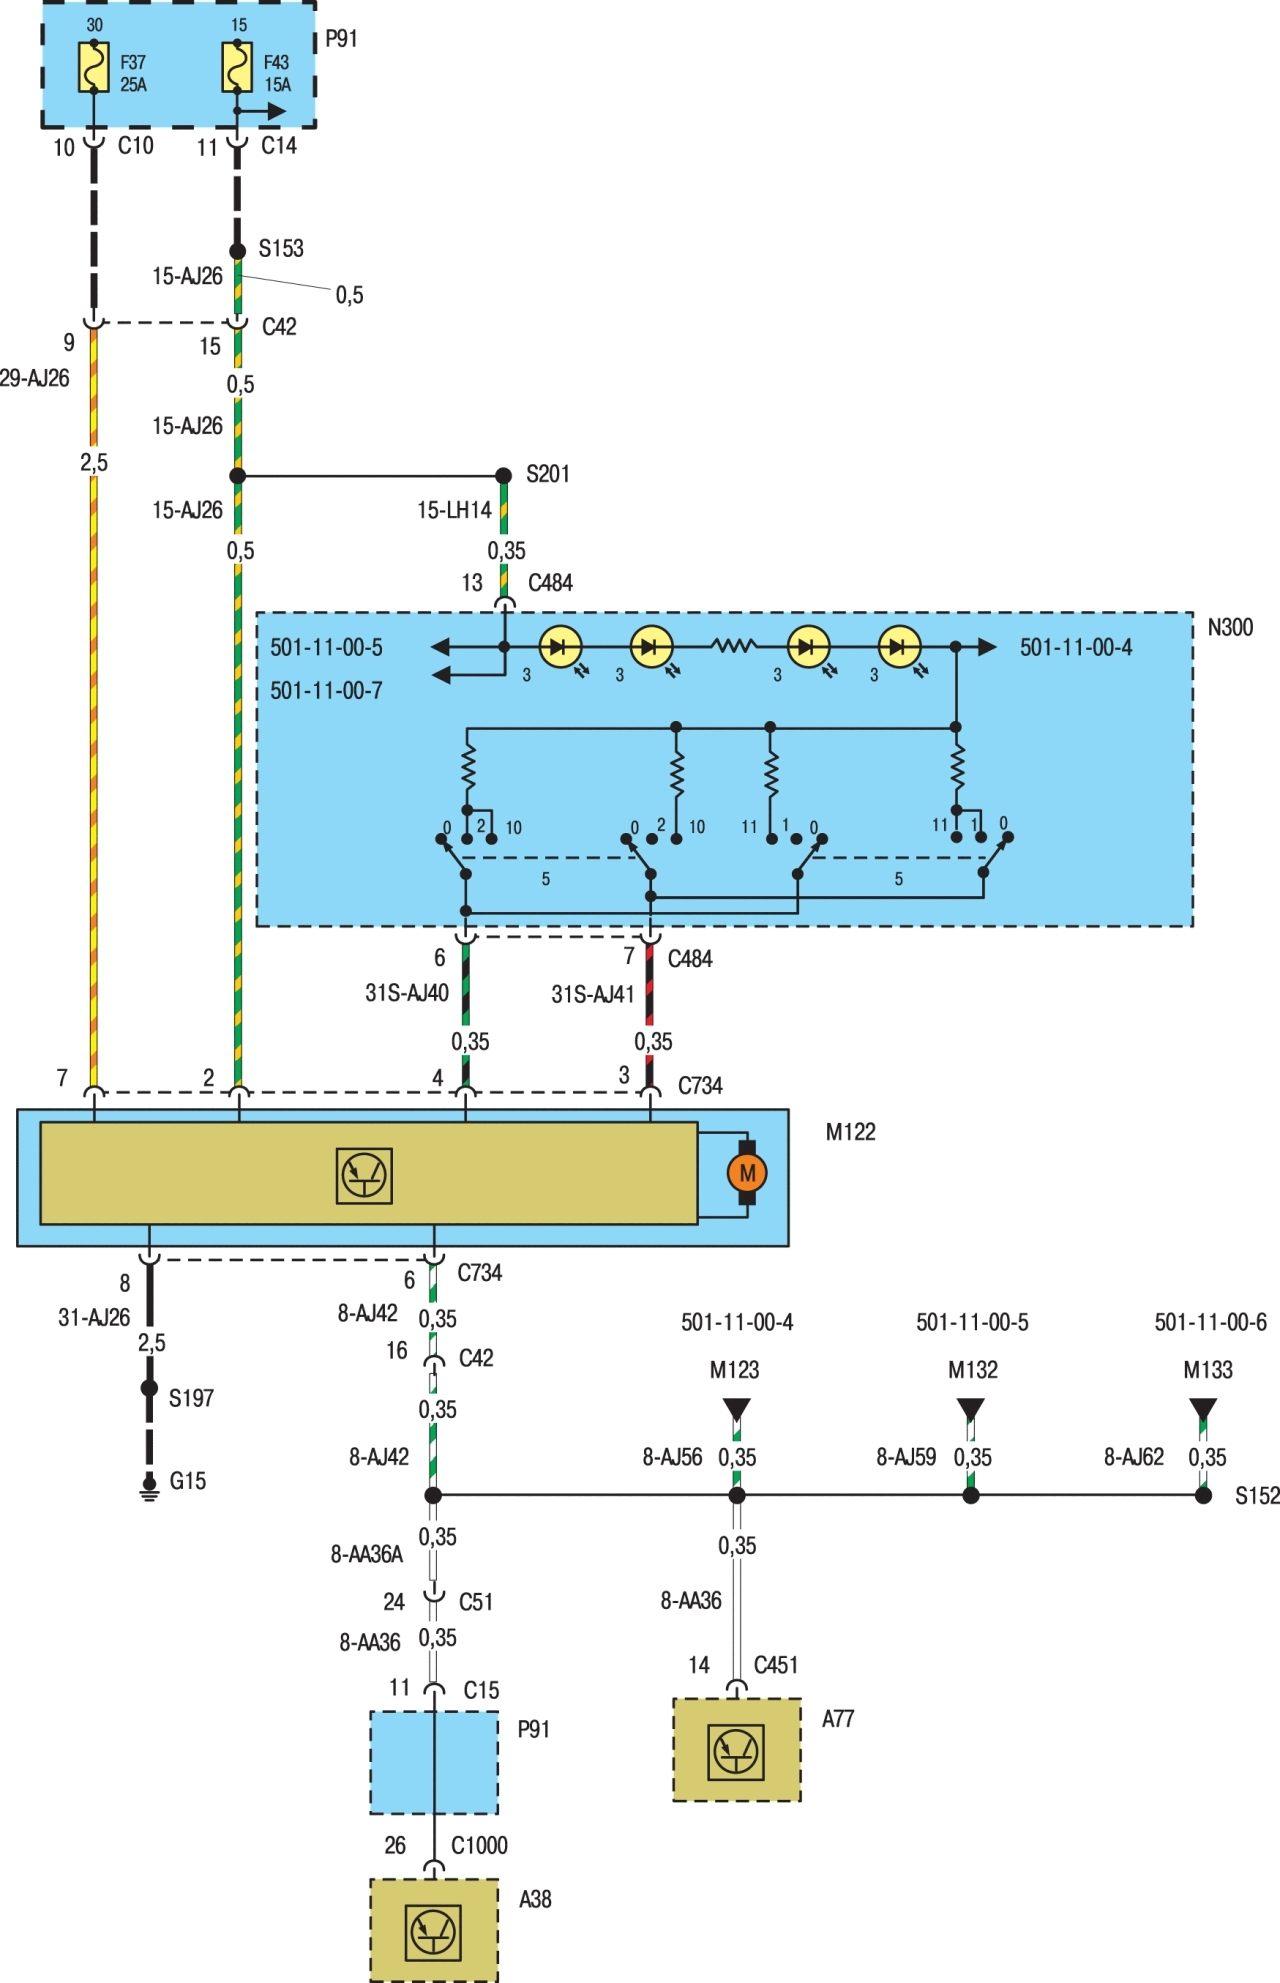 Заранее спасибо! не совпадает описание к данной схеме!  A30 (7) - контрольная лампа указателя левого поворота.